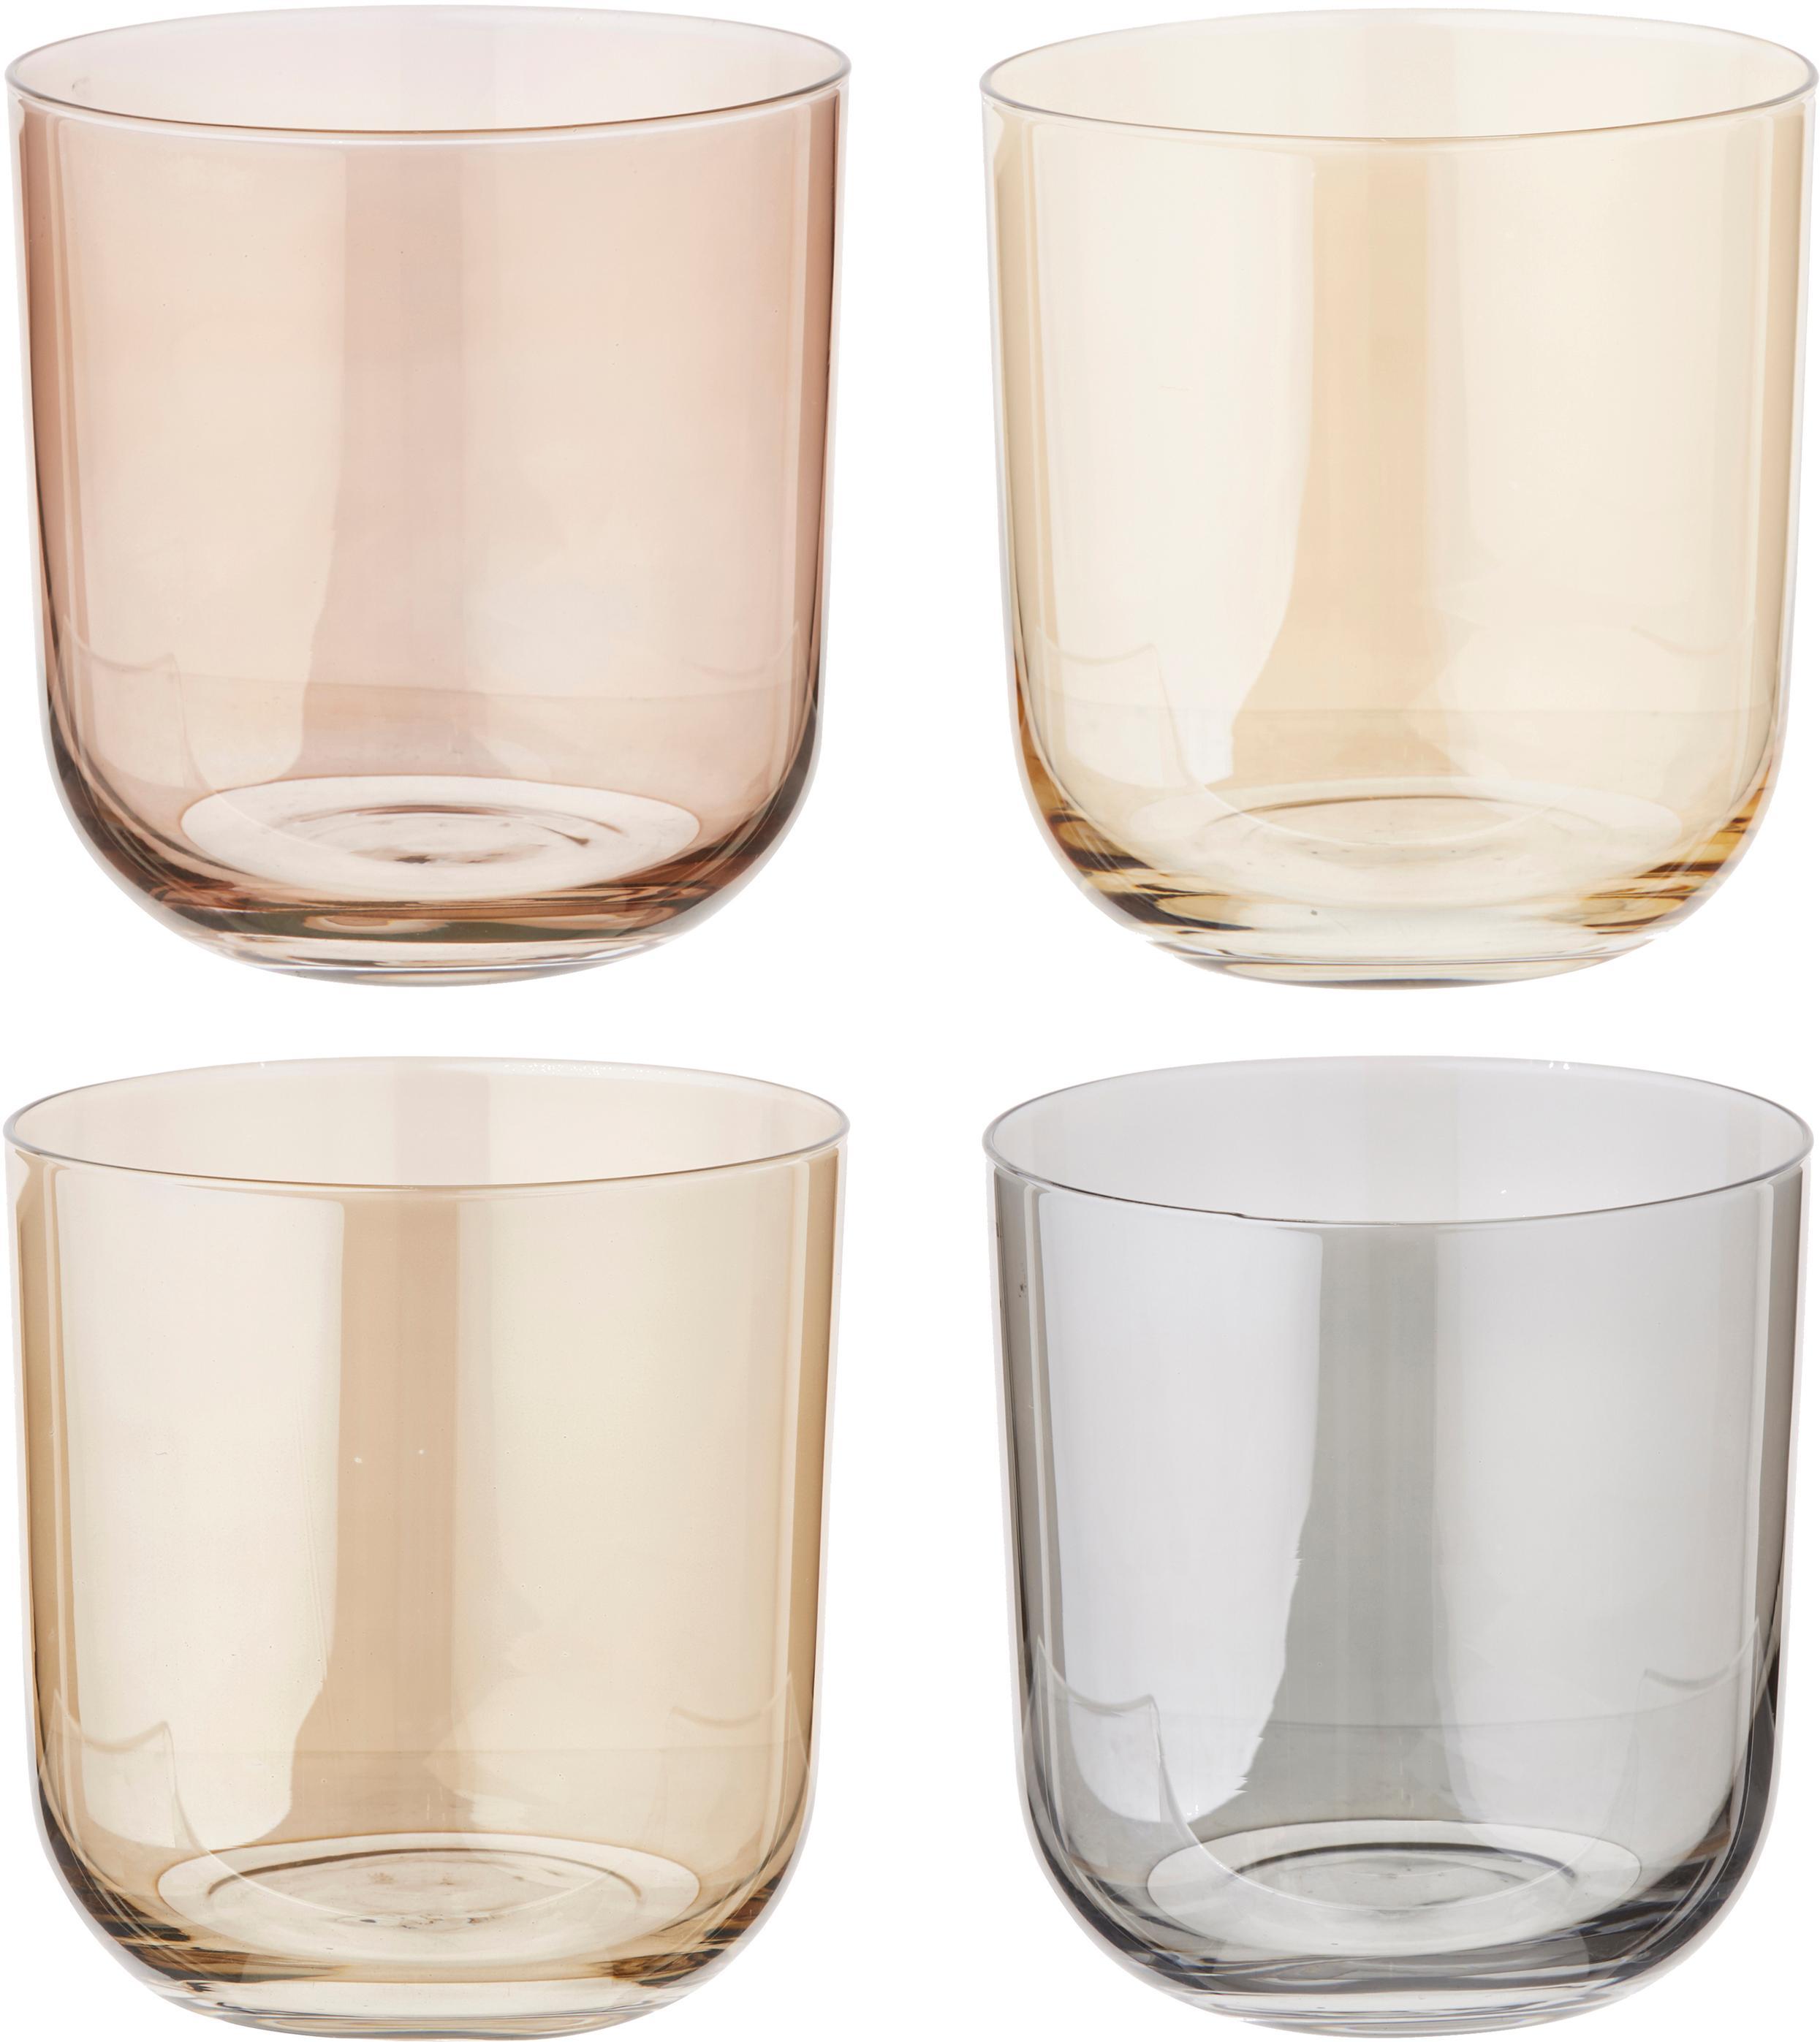 Vasos artesanales Polka, 4uds., Vidrio, Amarillo, castaño, gris, marrón, Ø 9 x Al 9 cm